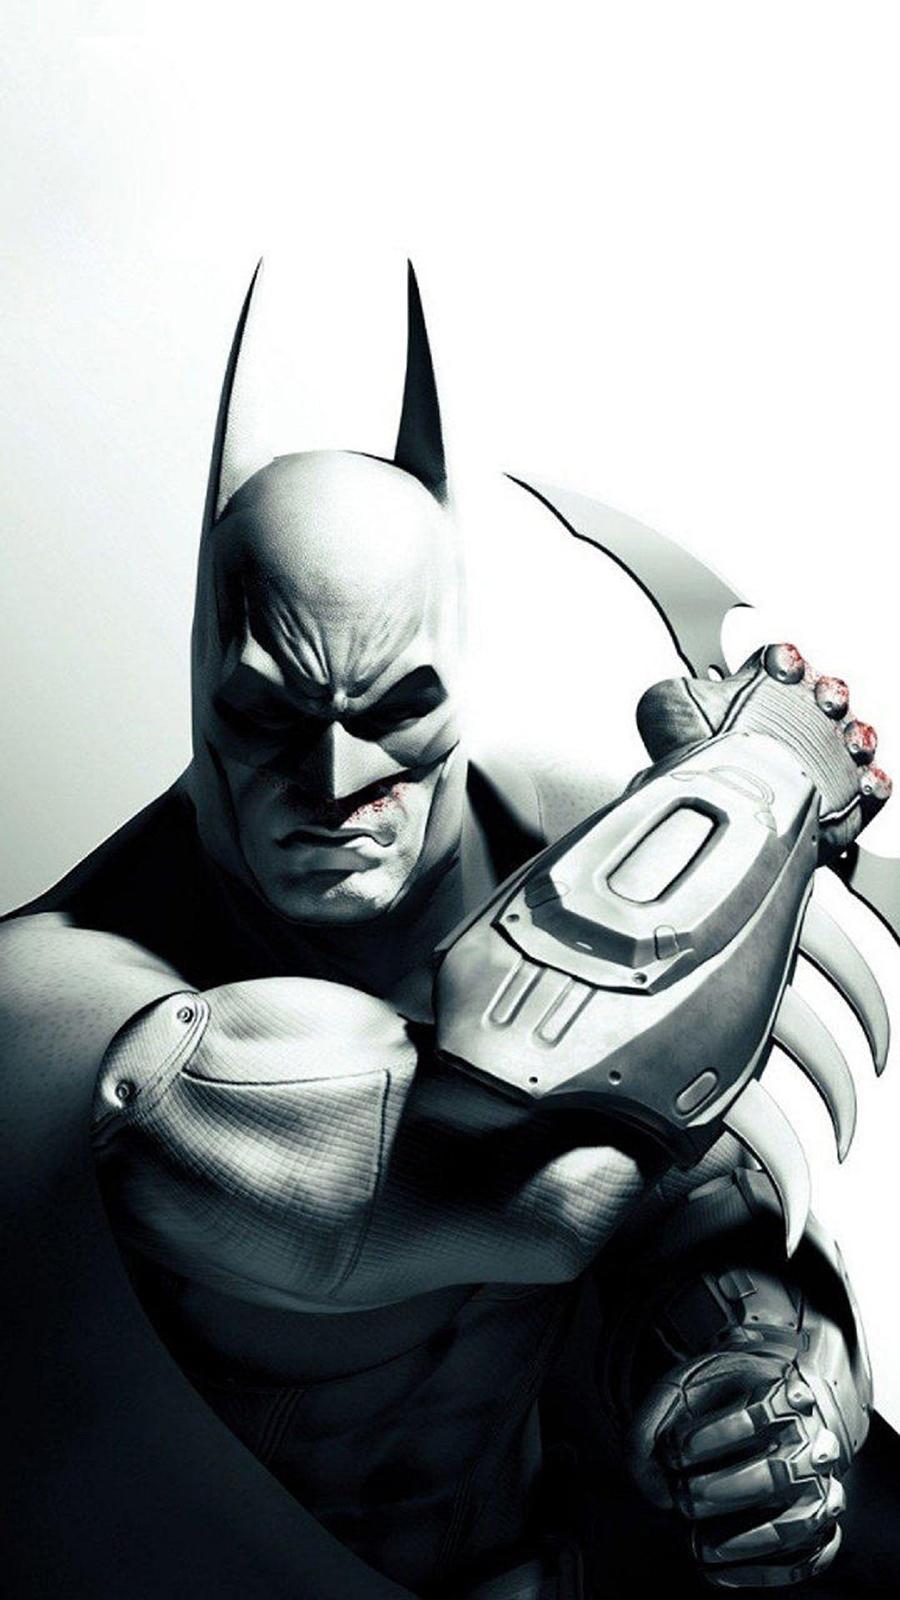 Batman Fan Art Wallpapers Free Download